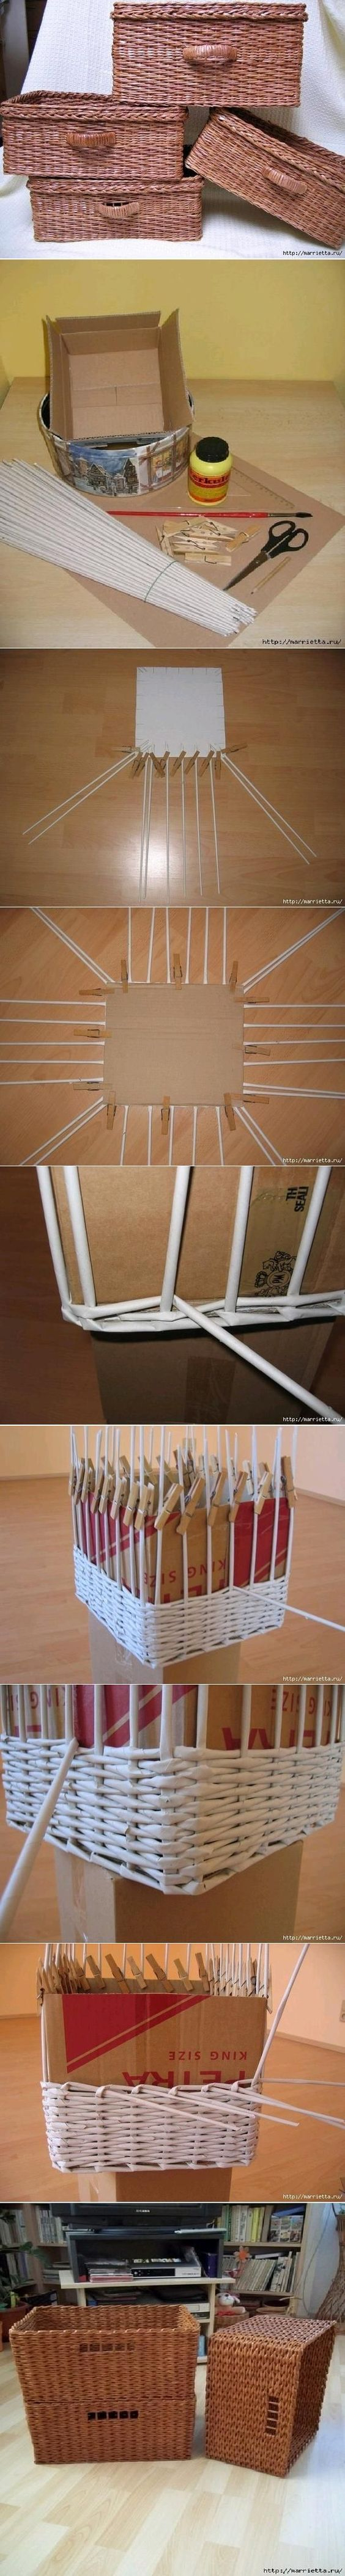 Como hacer cestas con papel de periodico diy - Cestas de periodico ...